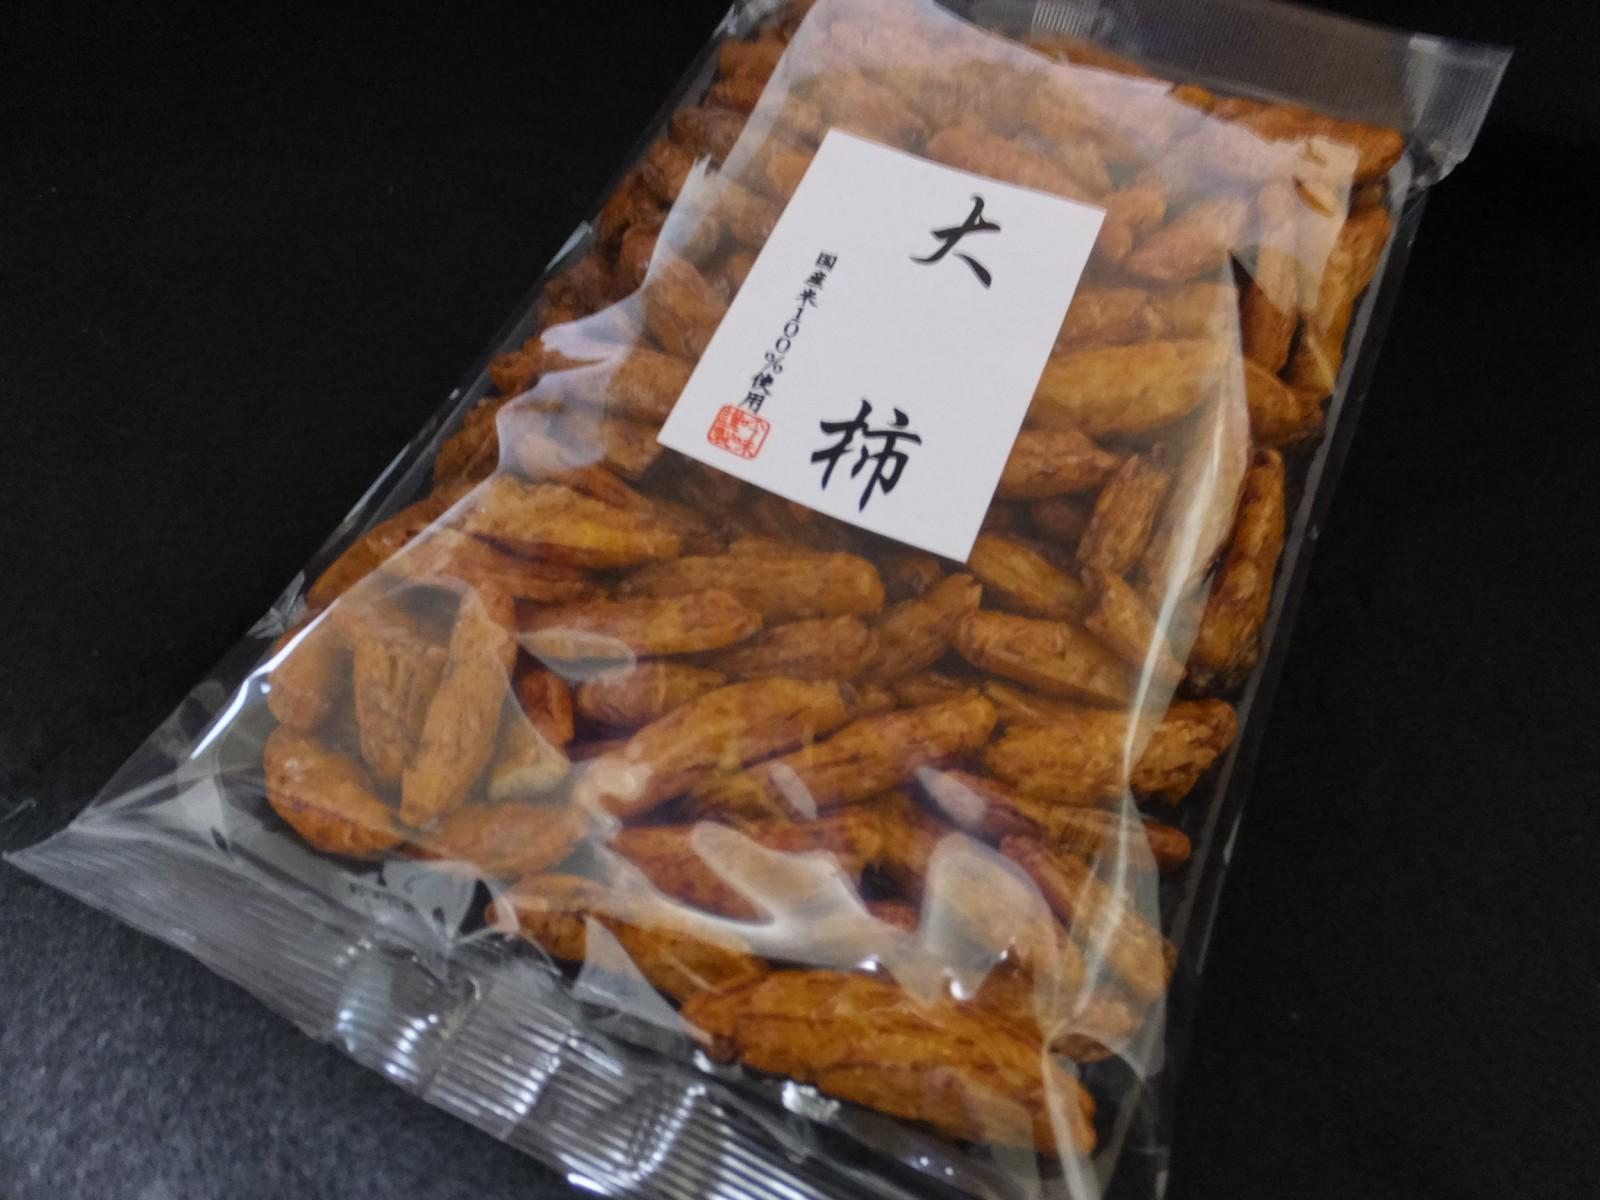 大柿 230円<br>大粒柿種、辛い柿種がお好きな方はこちらがオススメです。